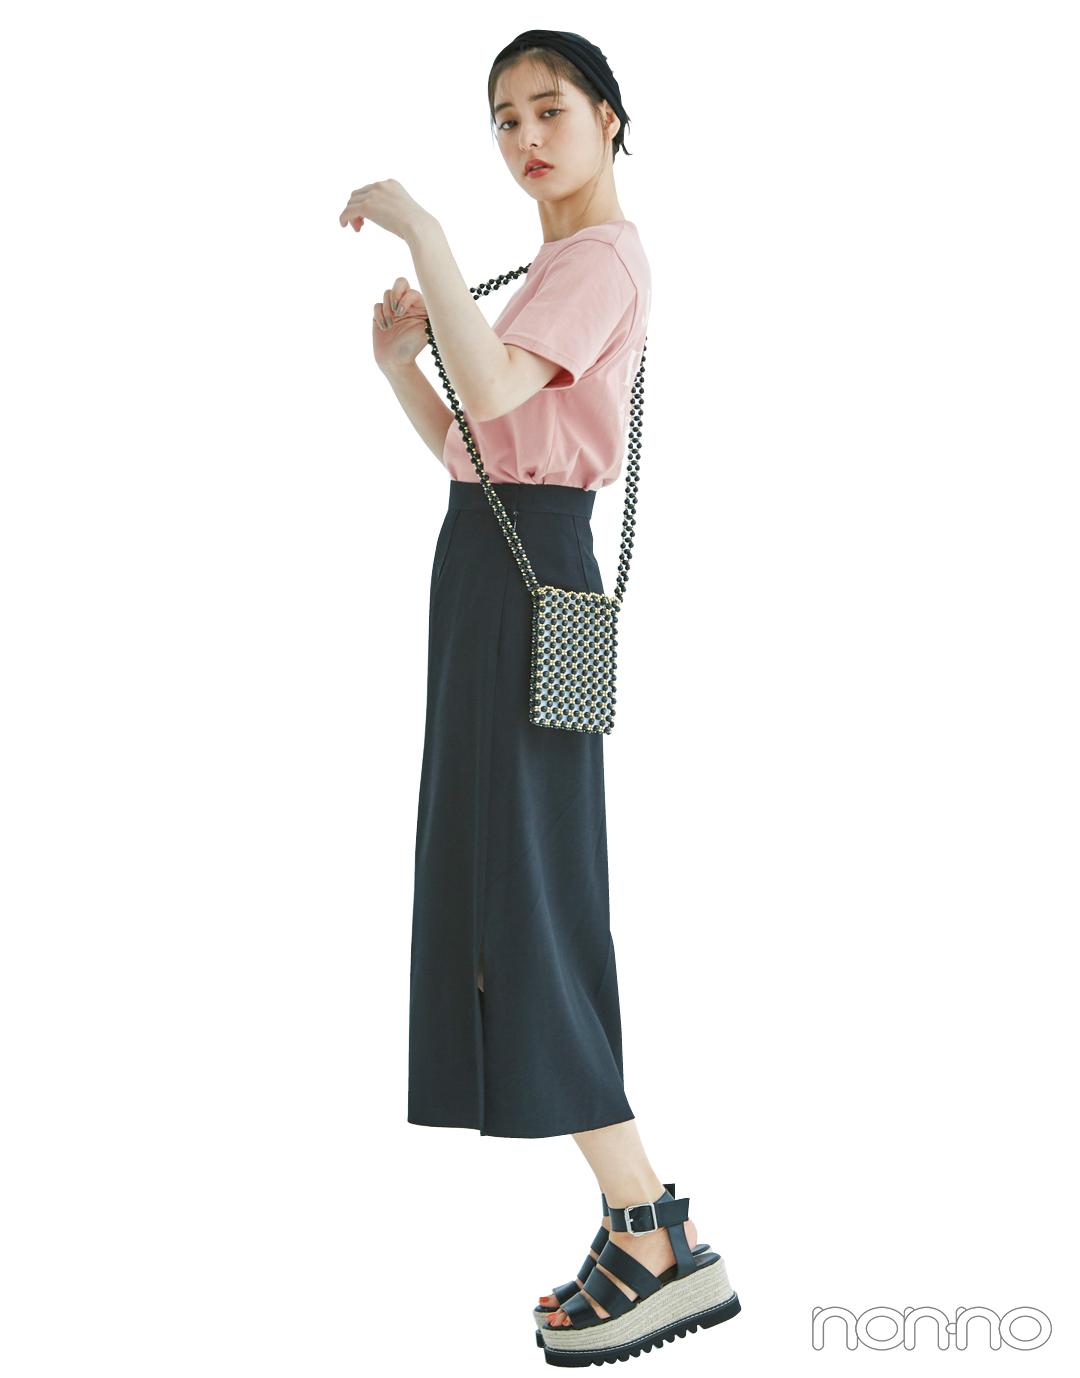 くすみピンクのTシャツ、今買ってもこれだけ着倒せる! 最新コーデ4選★_1_3-2